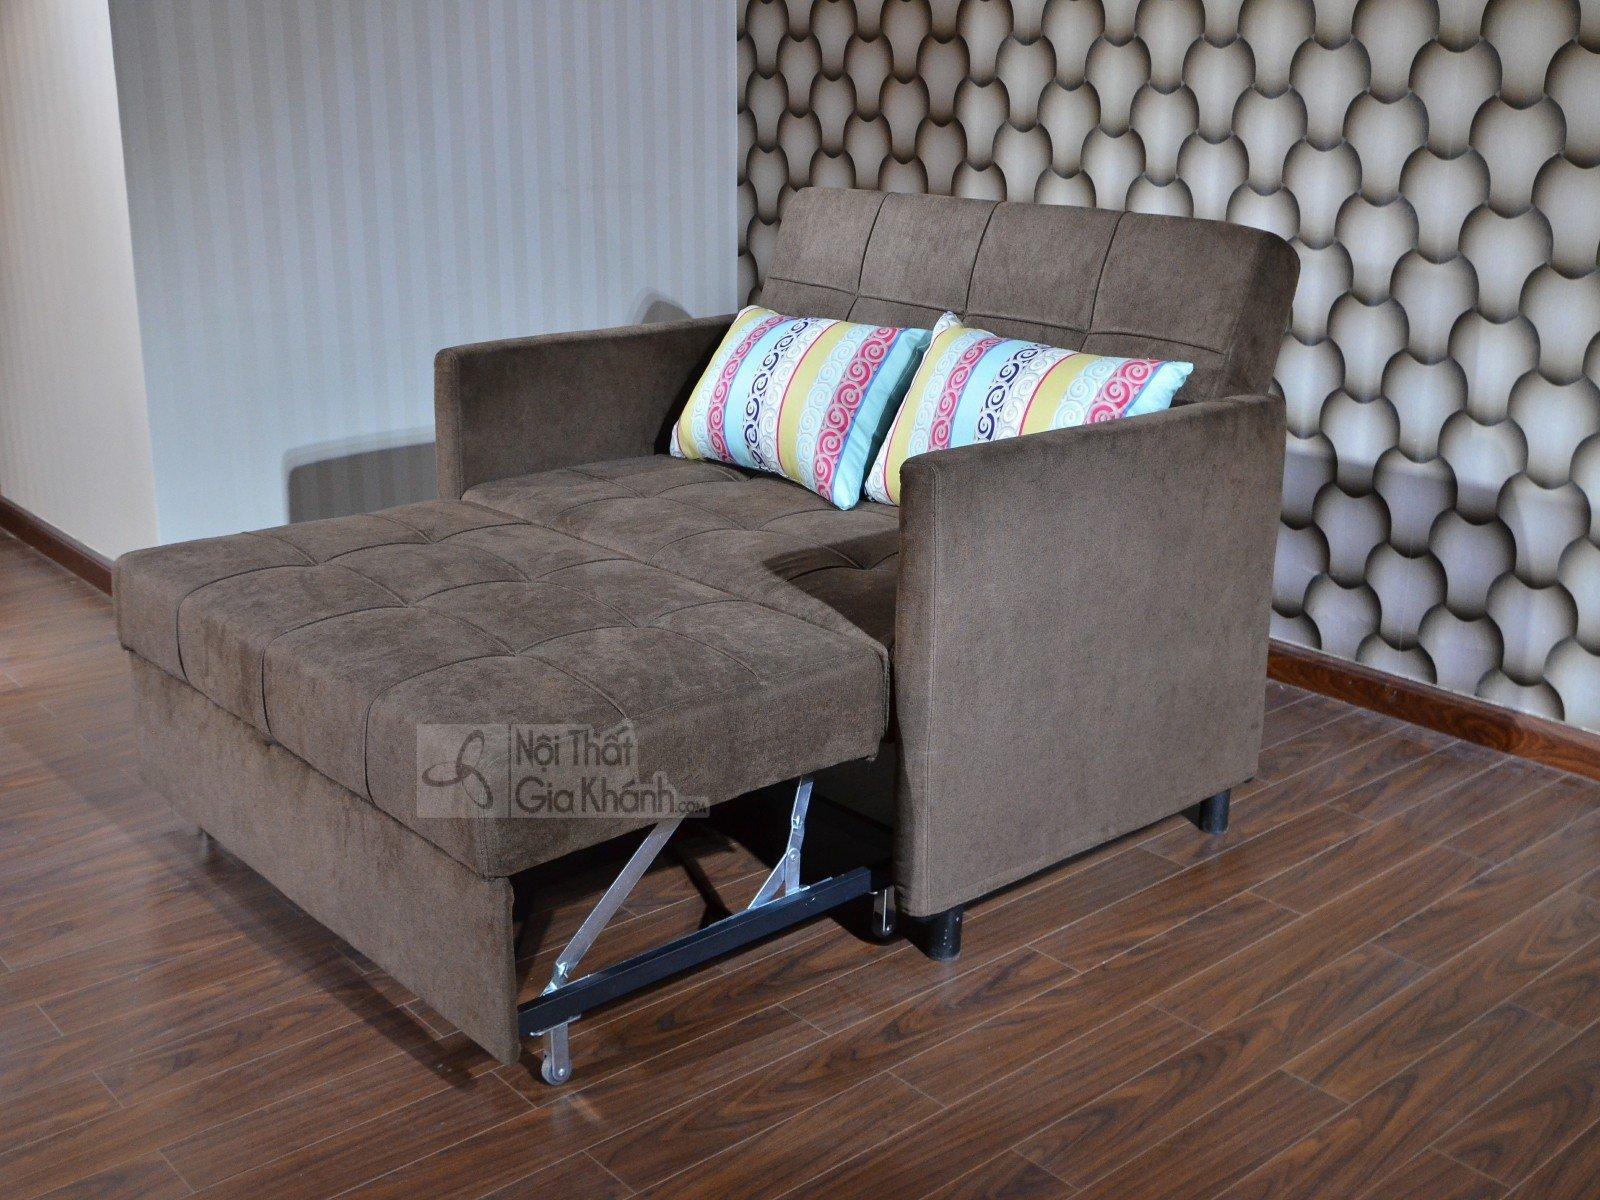 Sofa đa năng - Sofa giường - Sofa bed mã SF161-7 - sofa da nang SF161 7 7